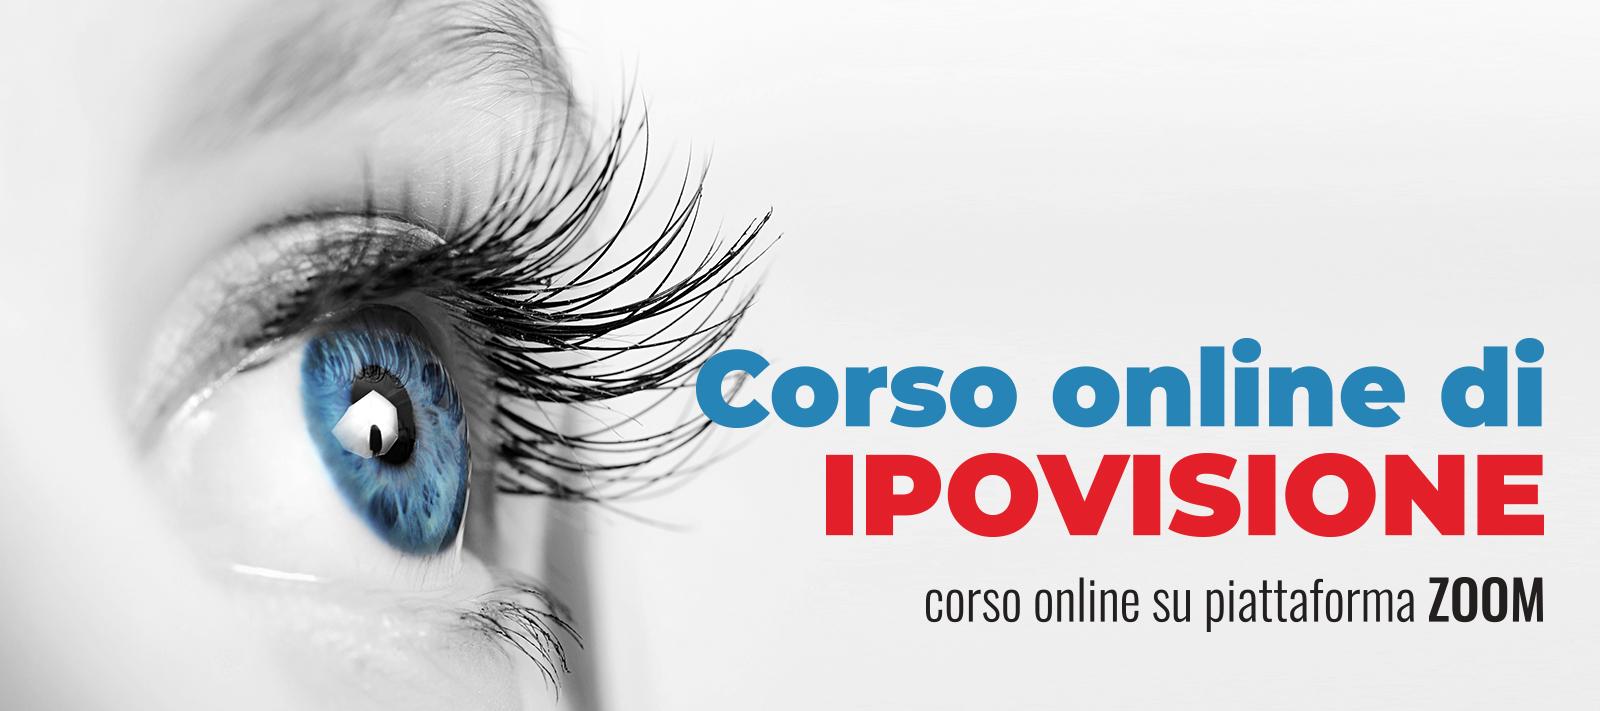 COVER-Ipovisione